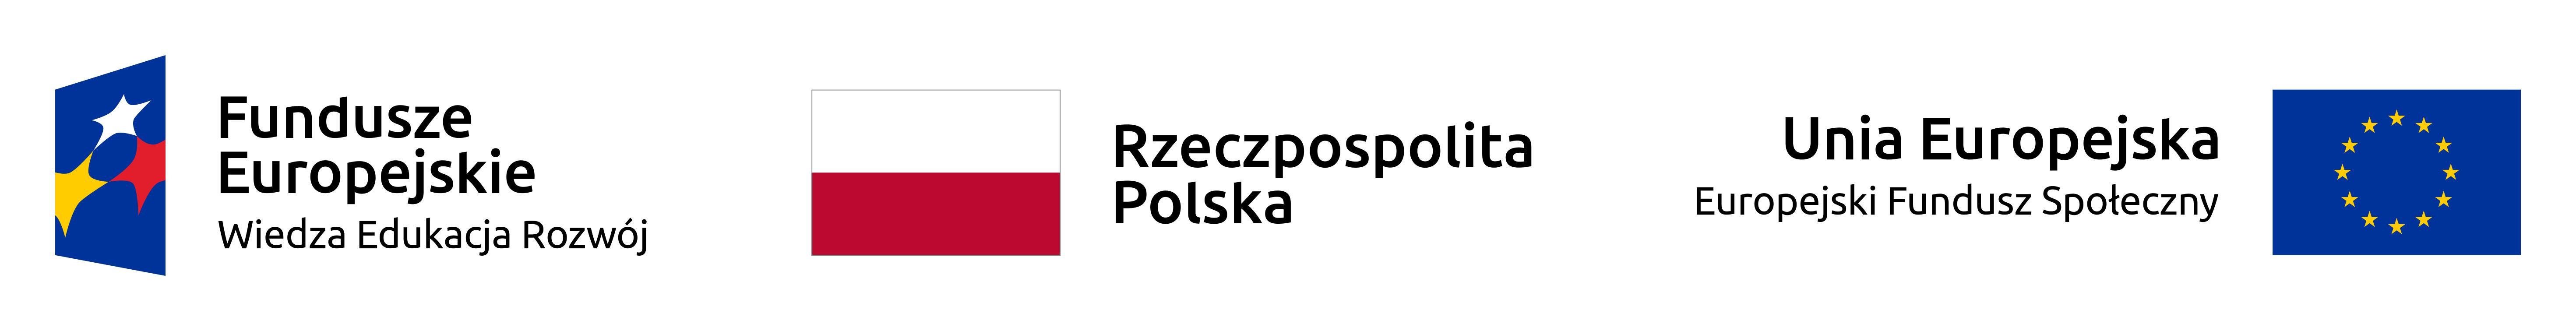 Logotypy programu